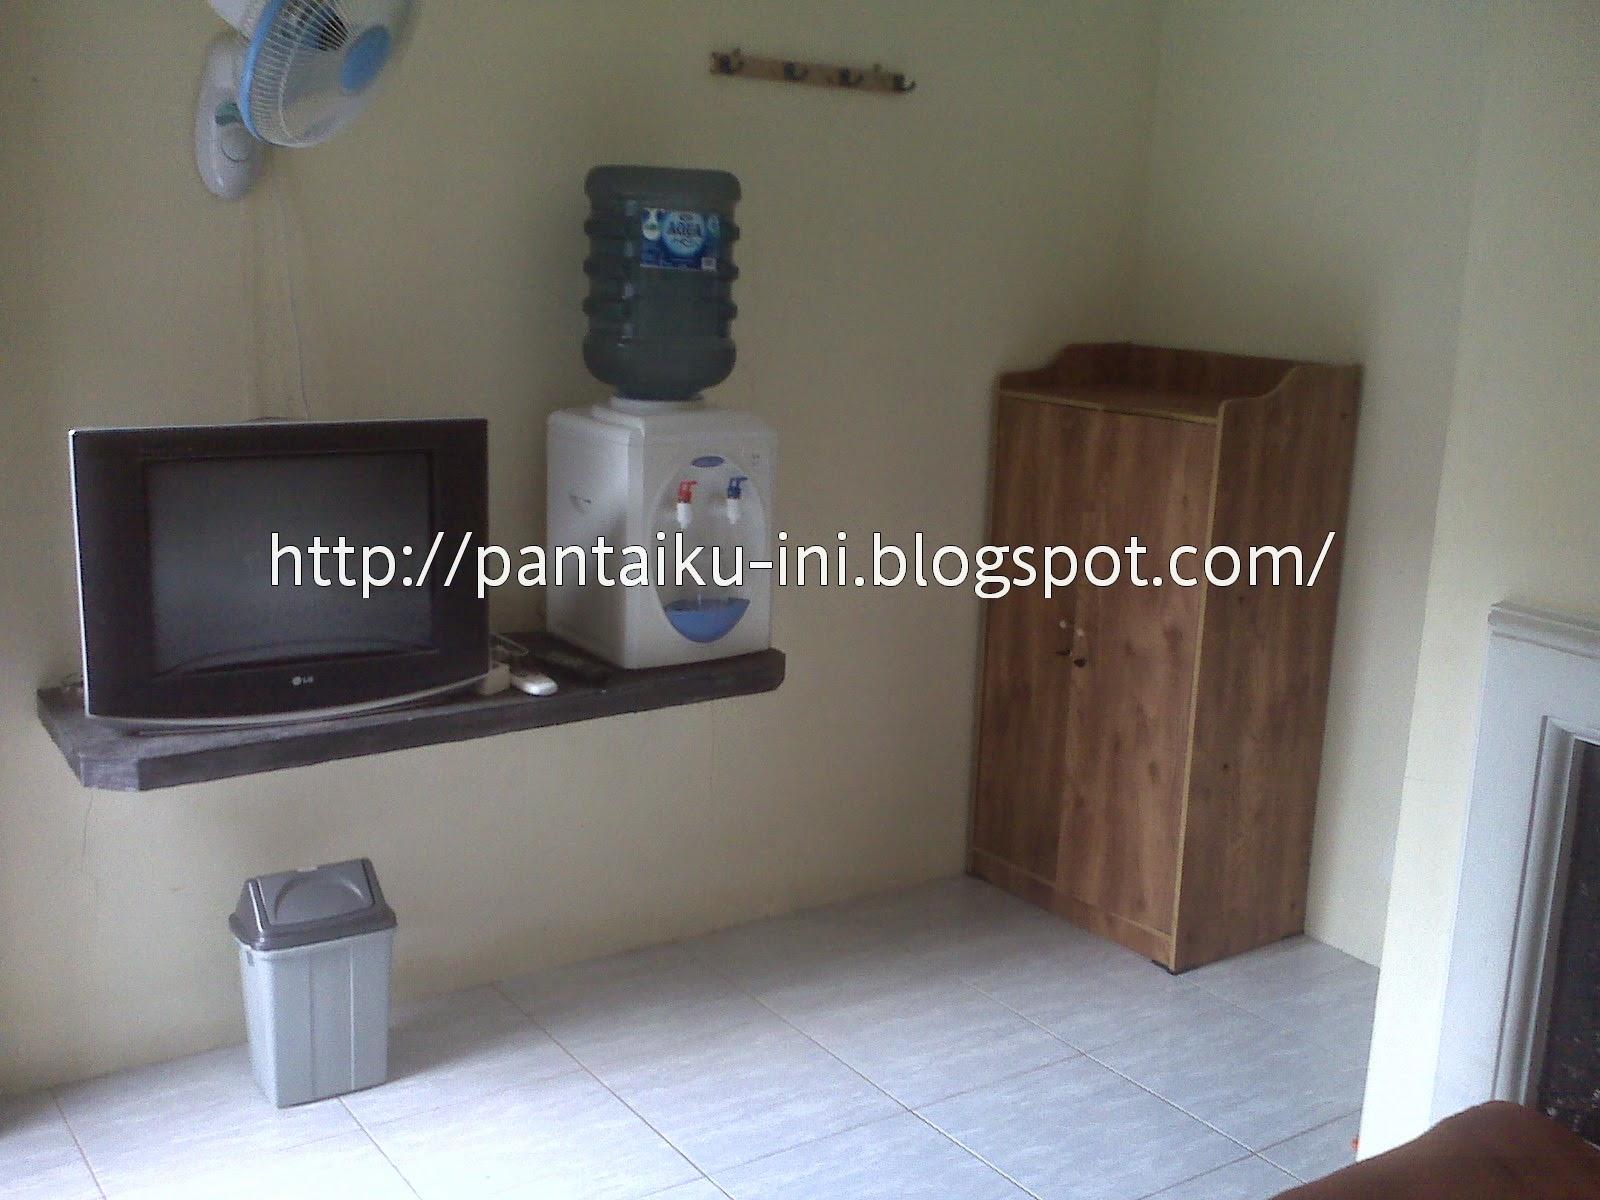 Fasilitas Kamar Penginapan Sinar Pagi - http://pantaiku-ini.blogspot.com/2014/10/detail-penginapan-sinar-pagi.html